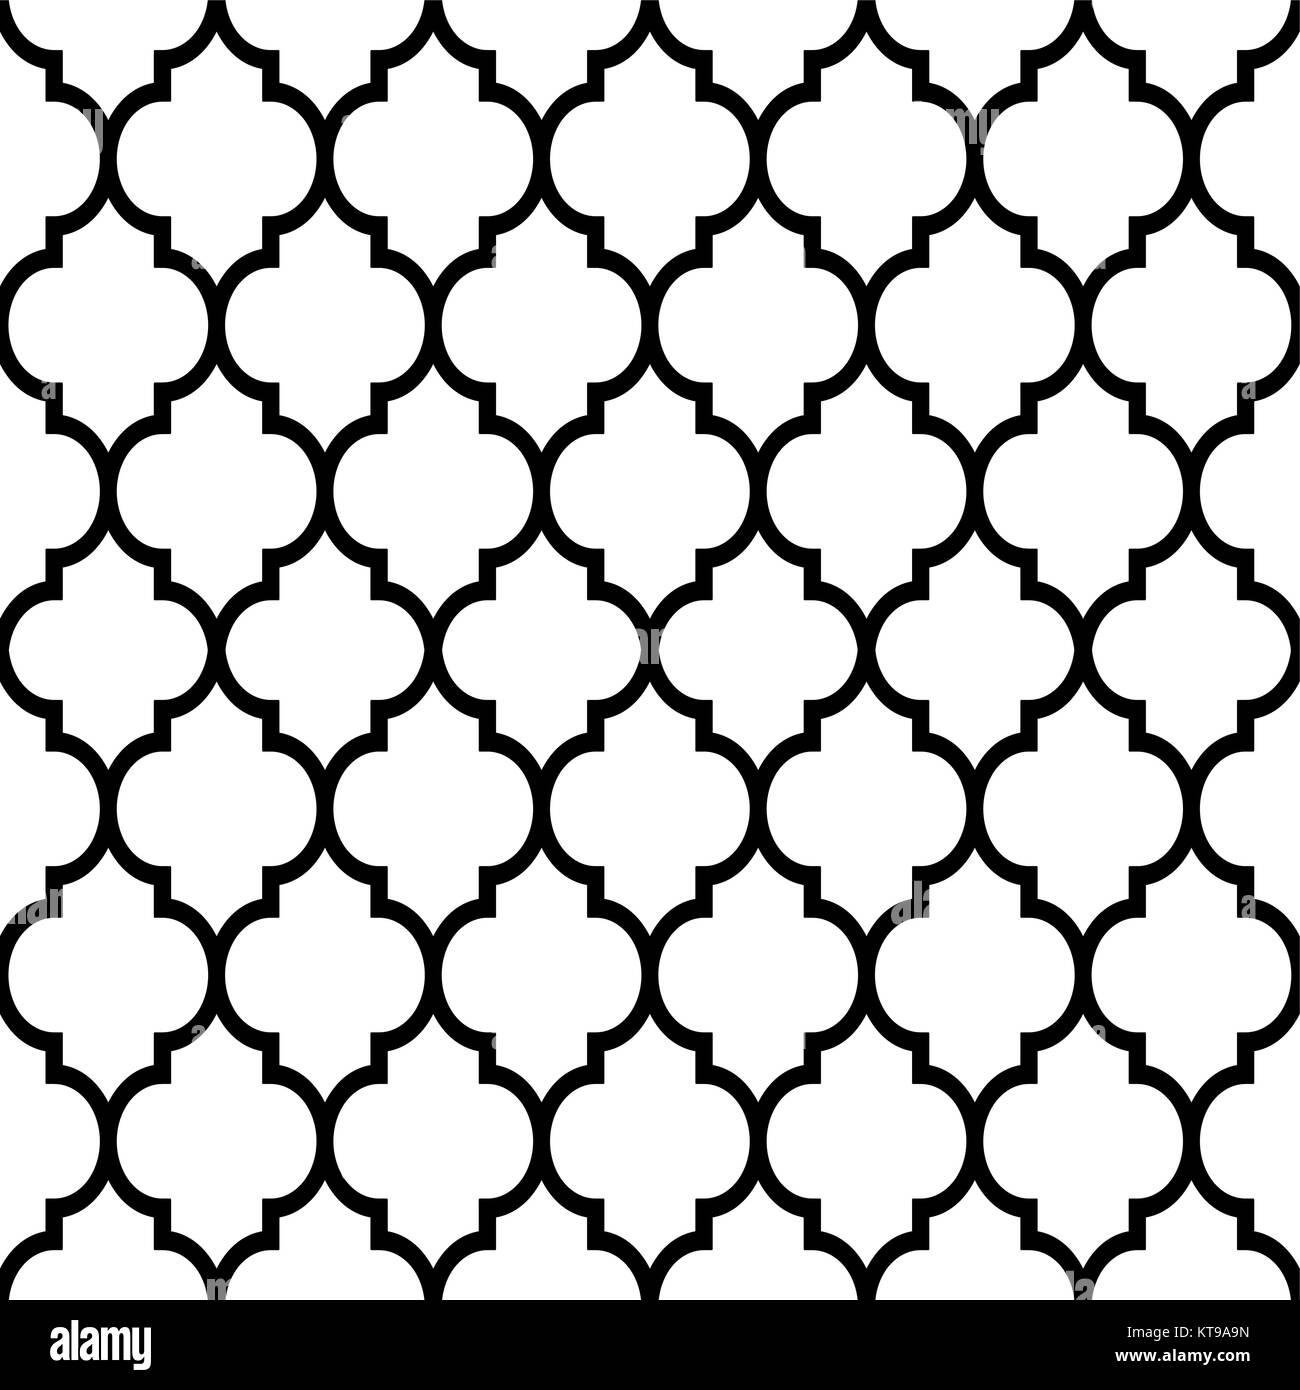 Marokkanische Fliesen Design, Nahtlose Schwarze Muster, Geometrischen  Hintergrund